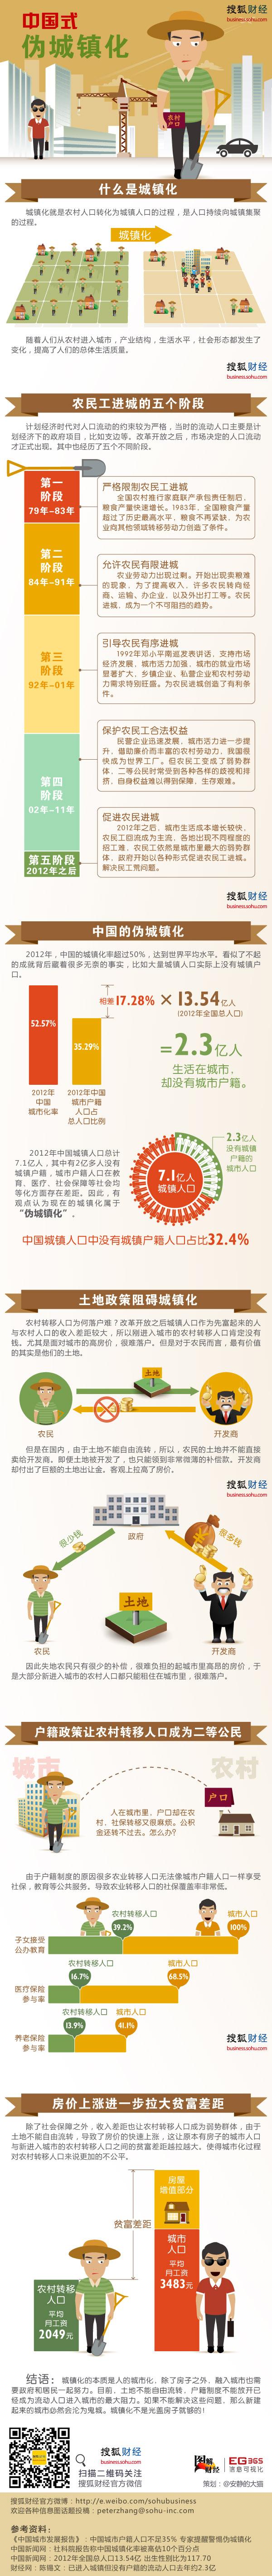 中国式伪城镇化